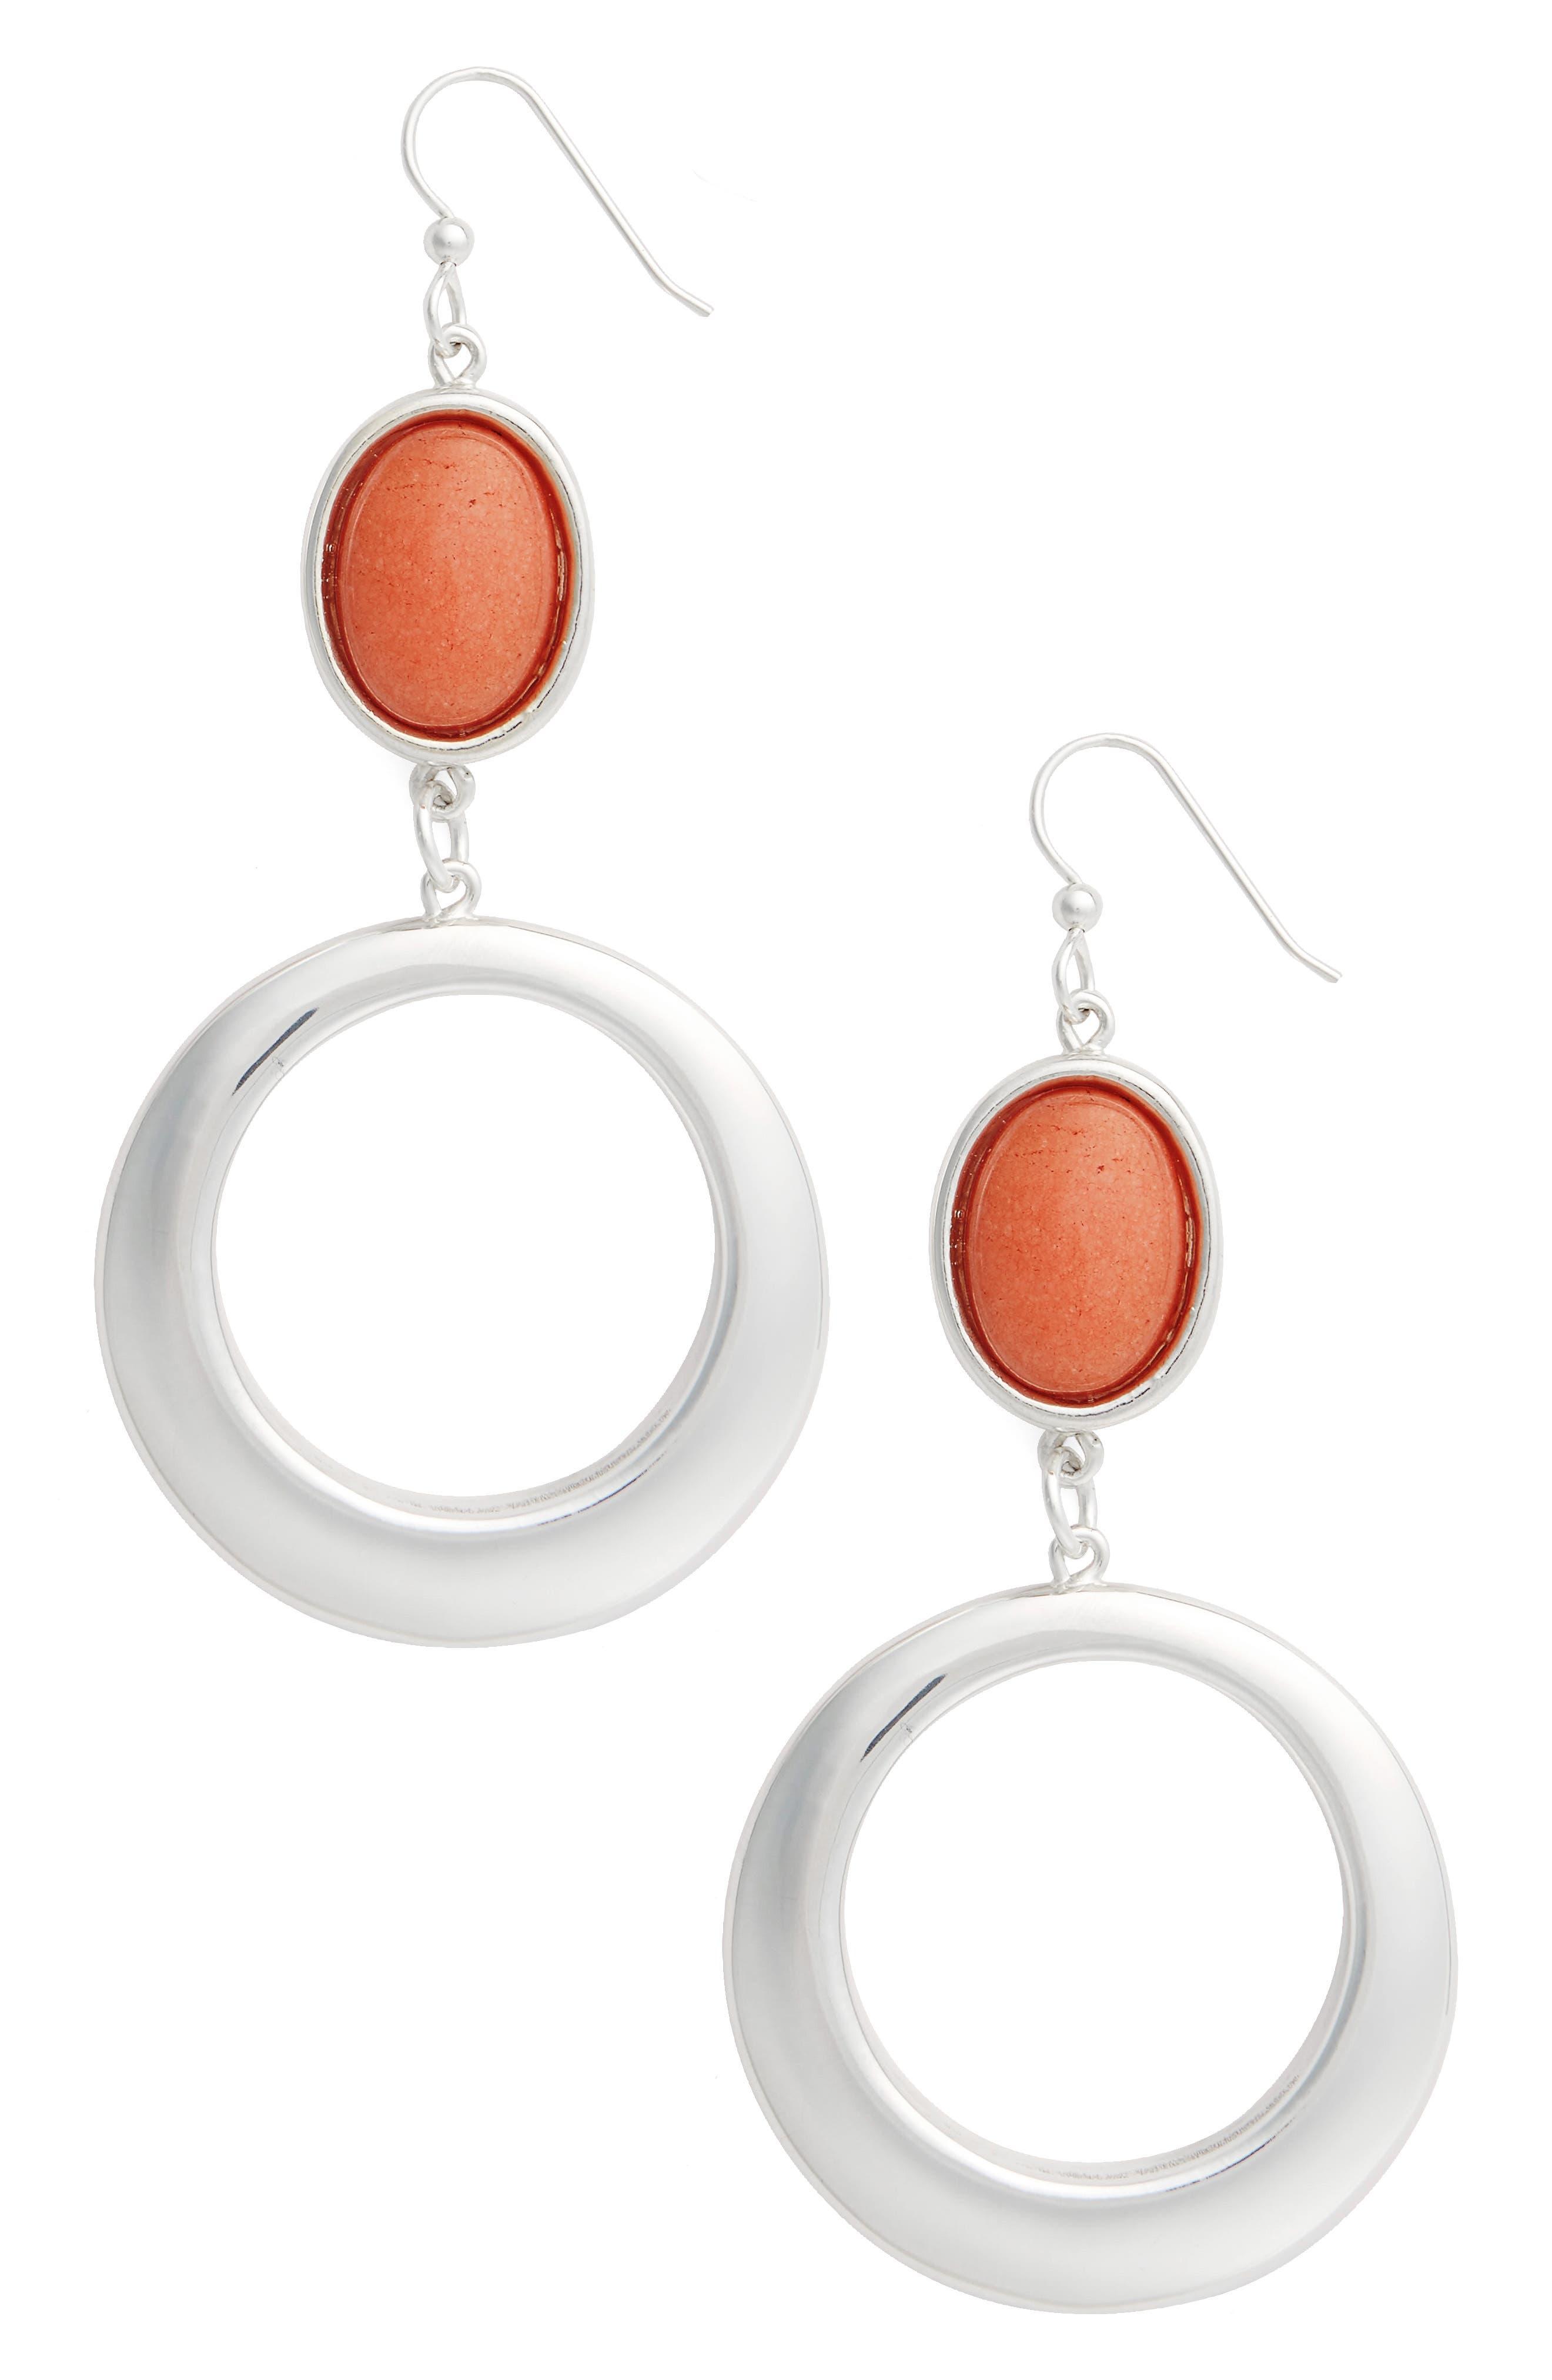 Semiprecious Stone Hoop Drop Earrings,                             Main thumbnail 1, color,                             040